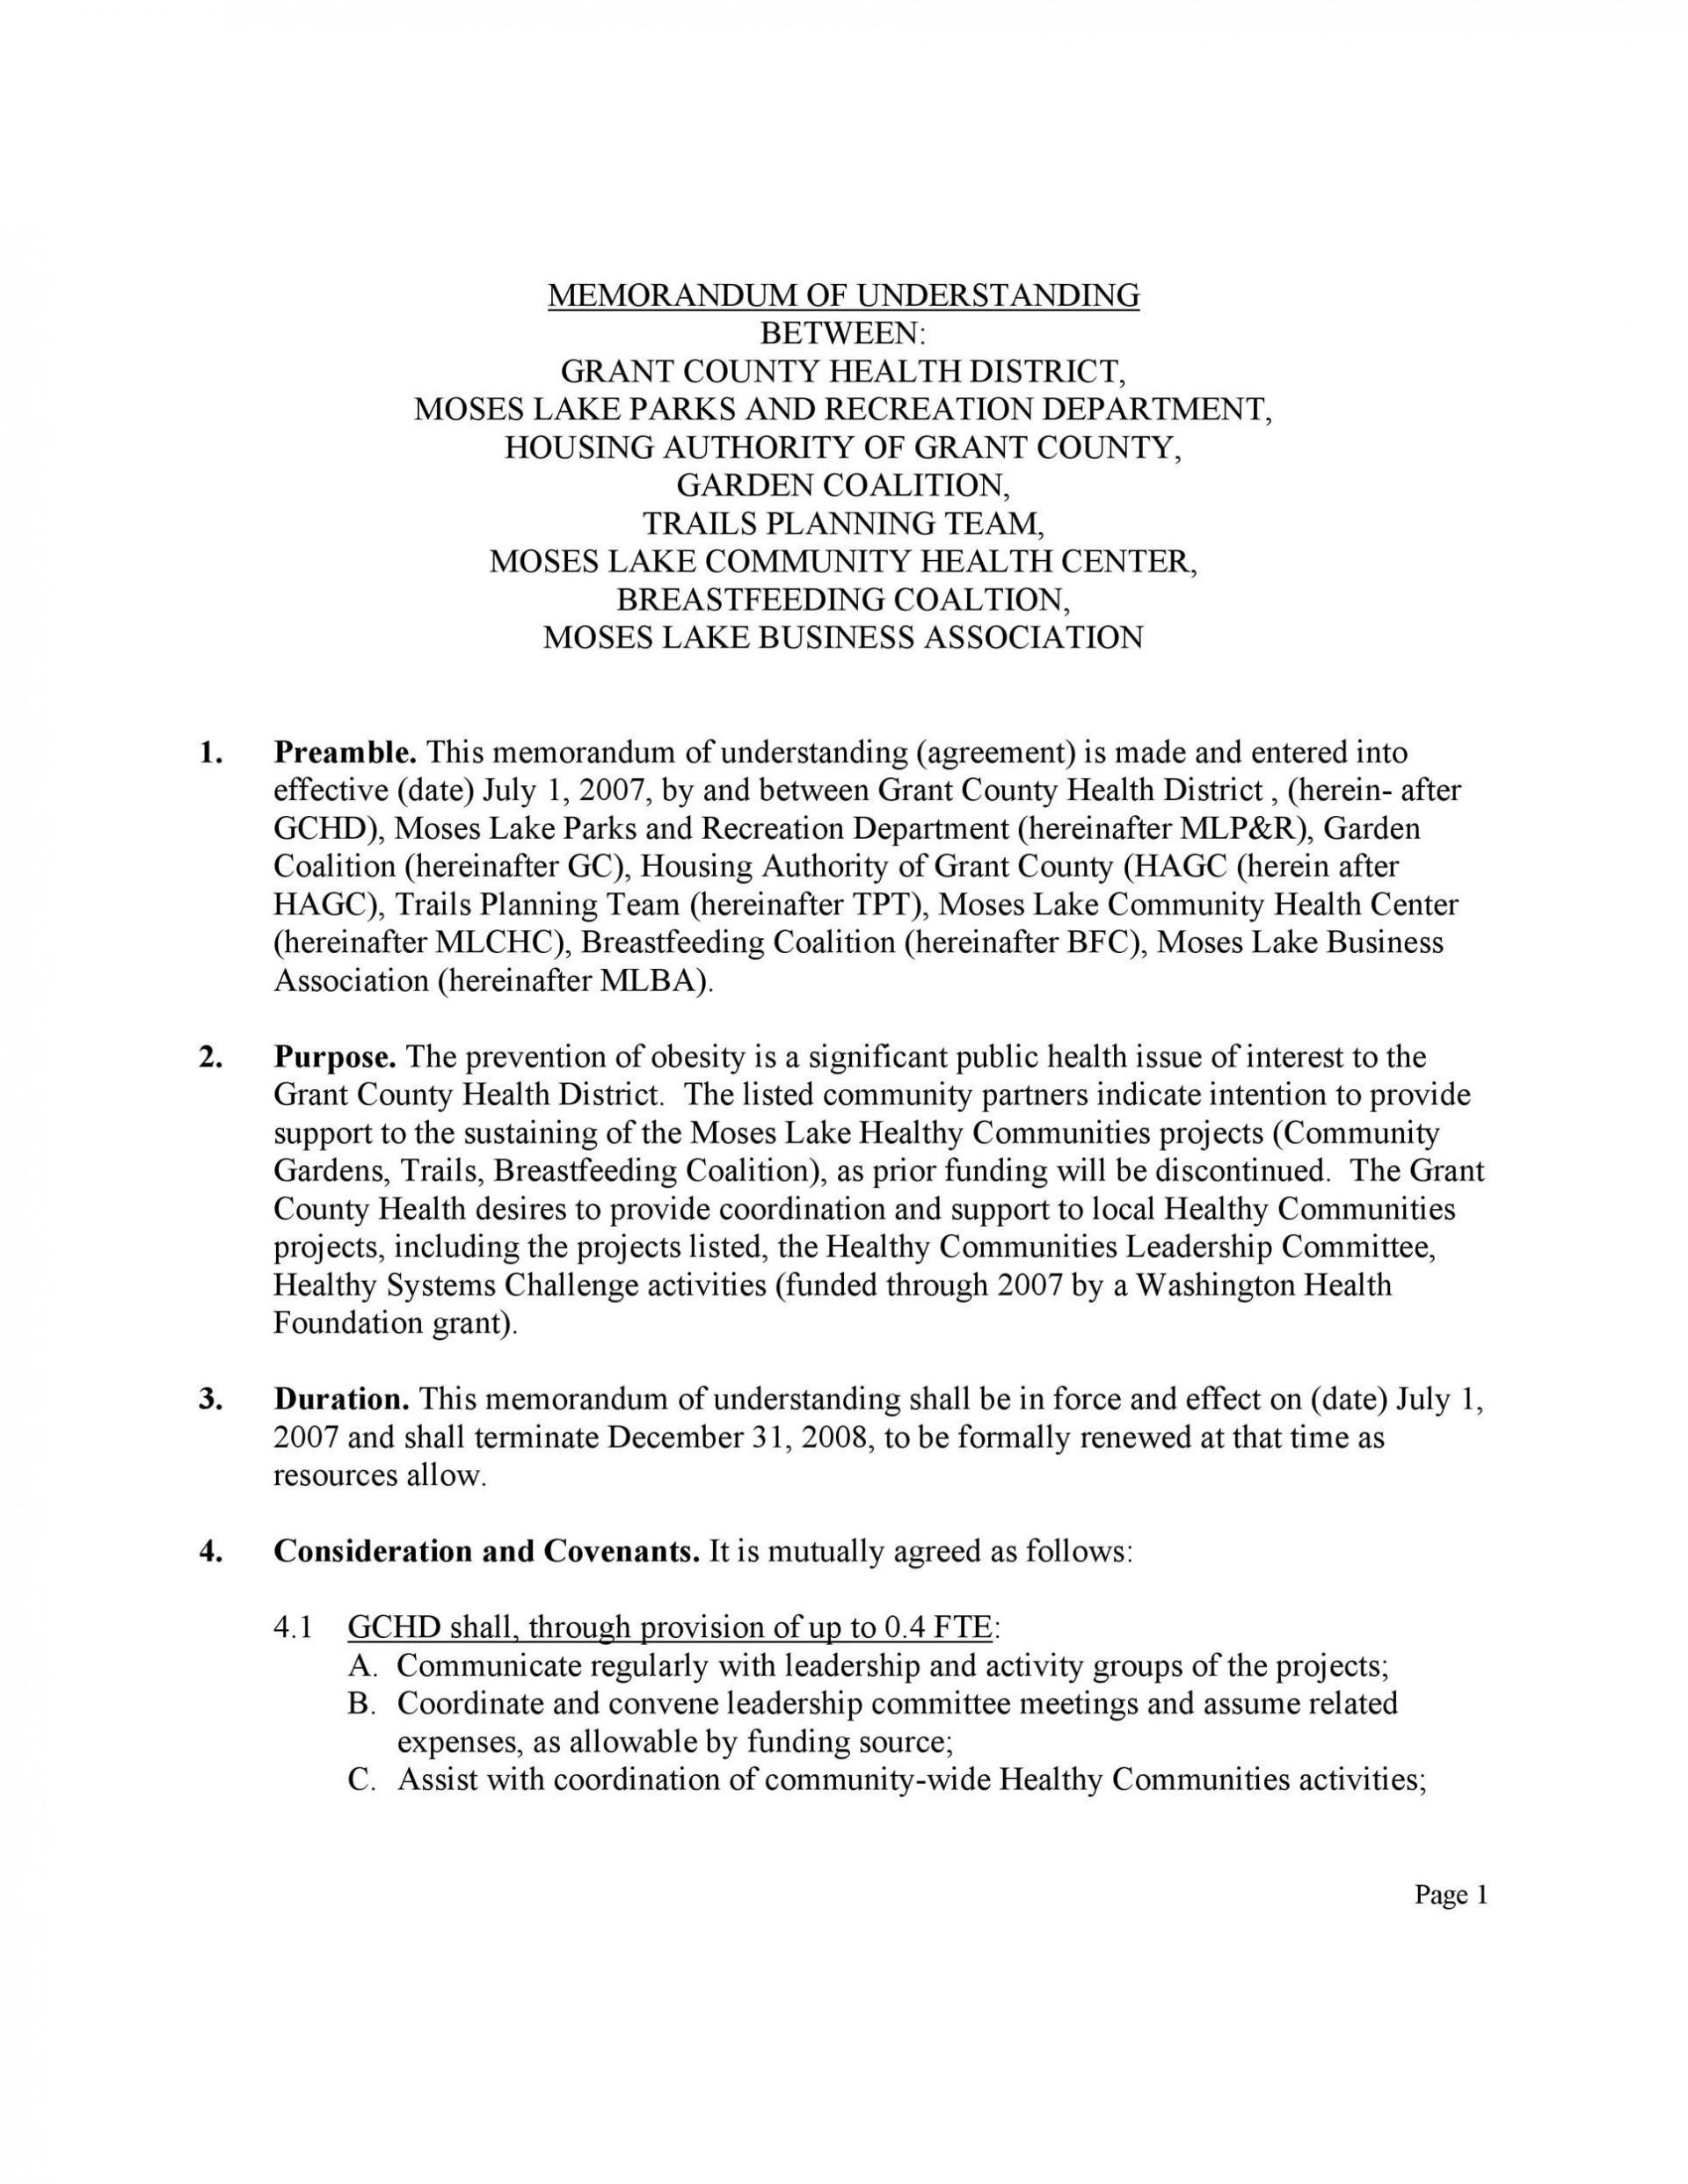 003 Marvelou Letter Of Understanding Sample Format High Resolution 1920